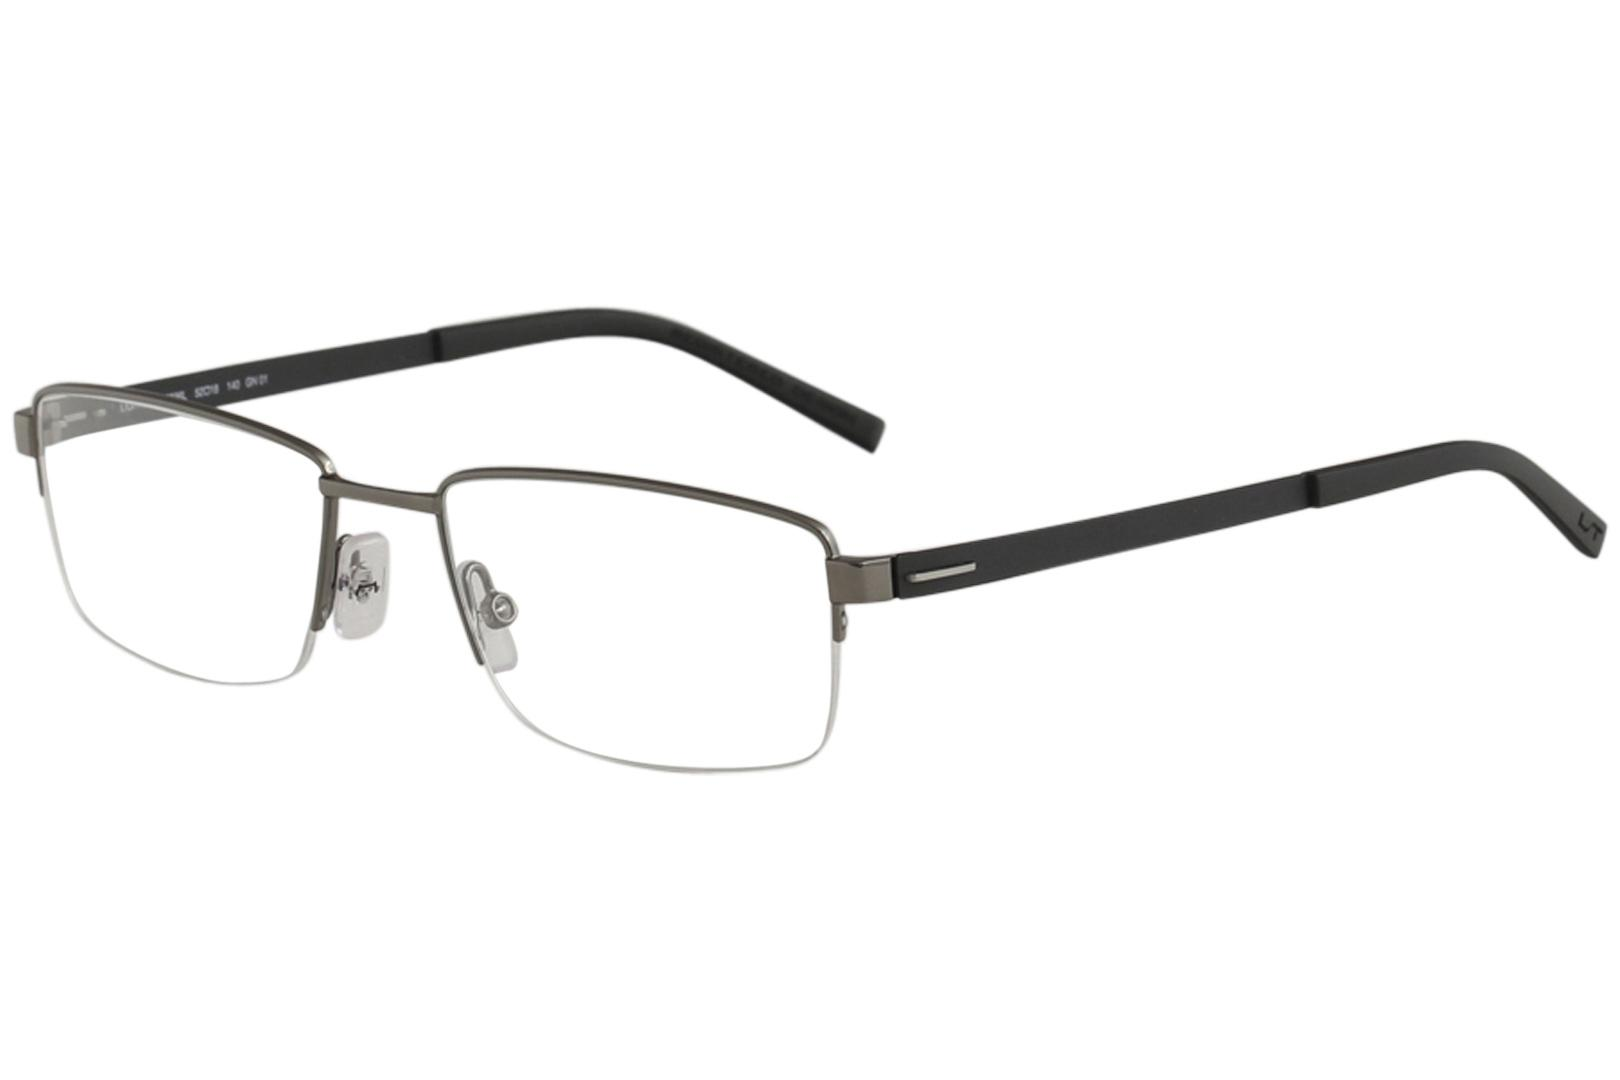 Morel Men's Eyeglasses Lightec 30036L 30036/L Half Rim Optical Frame